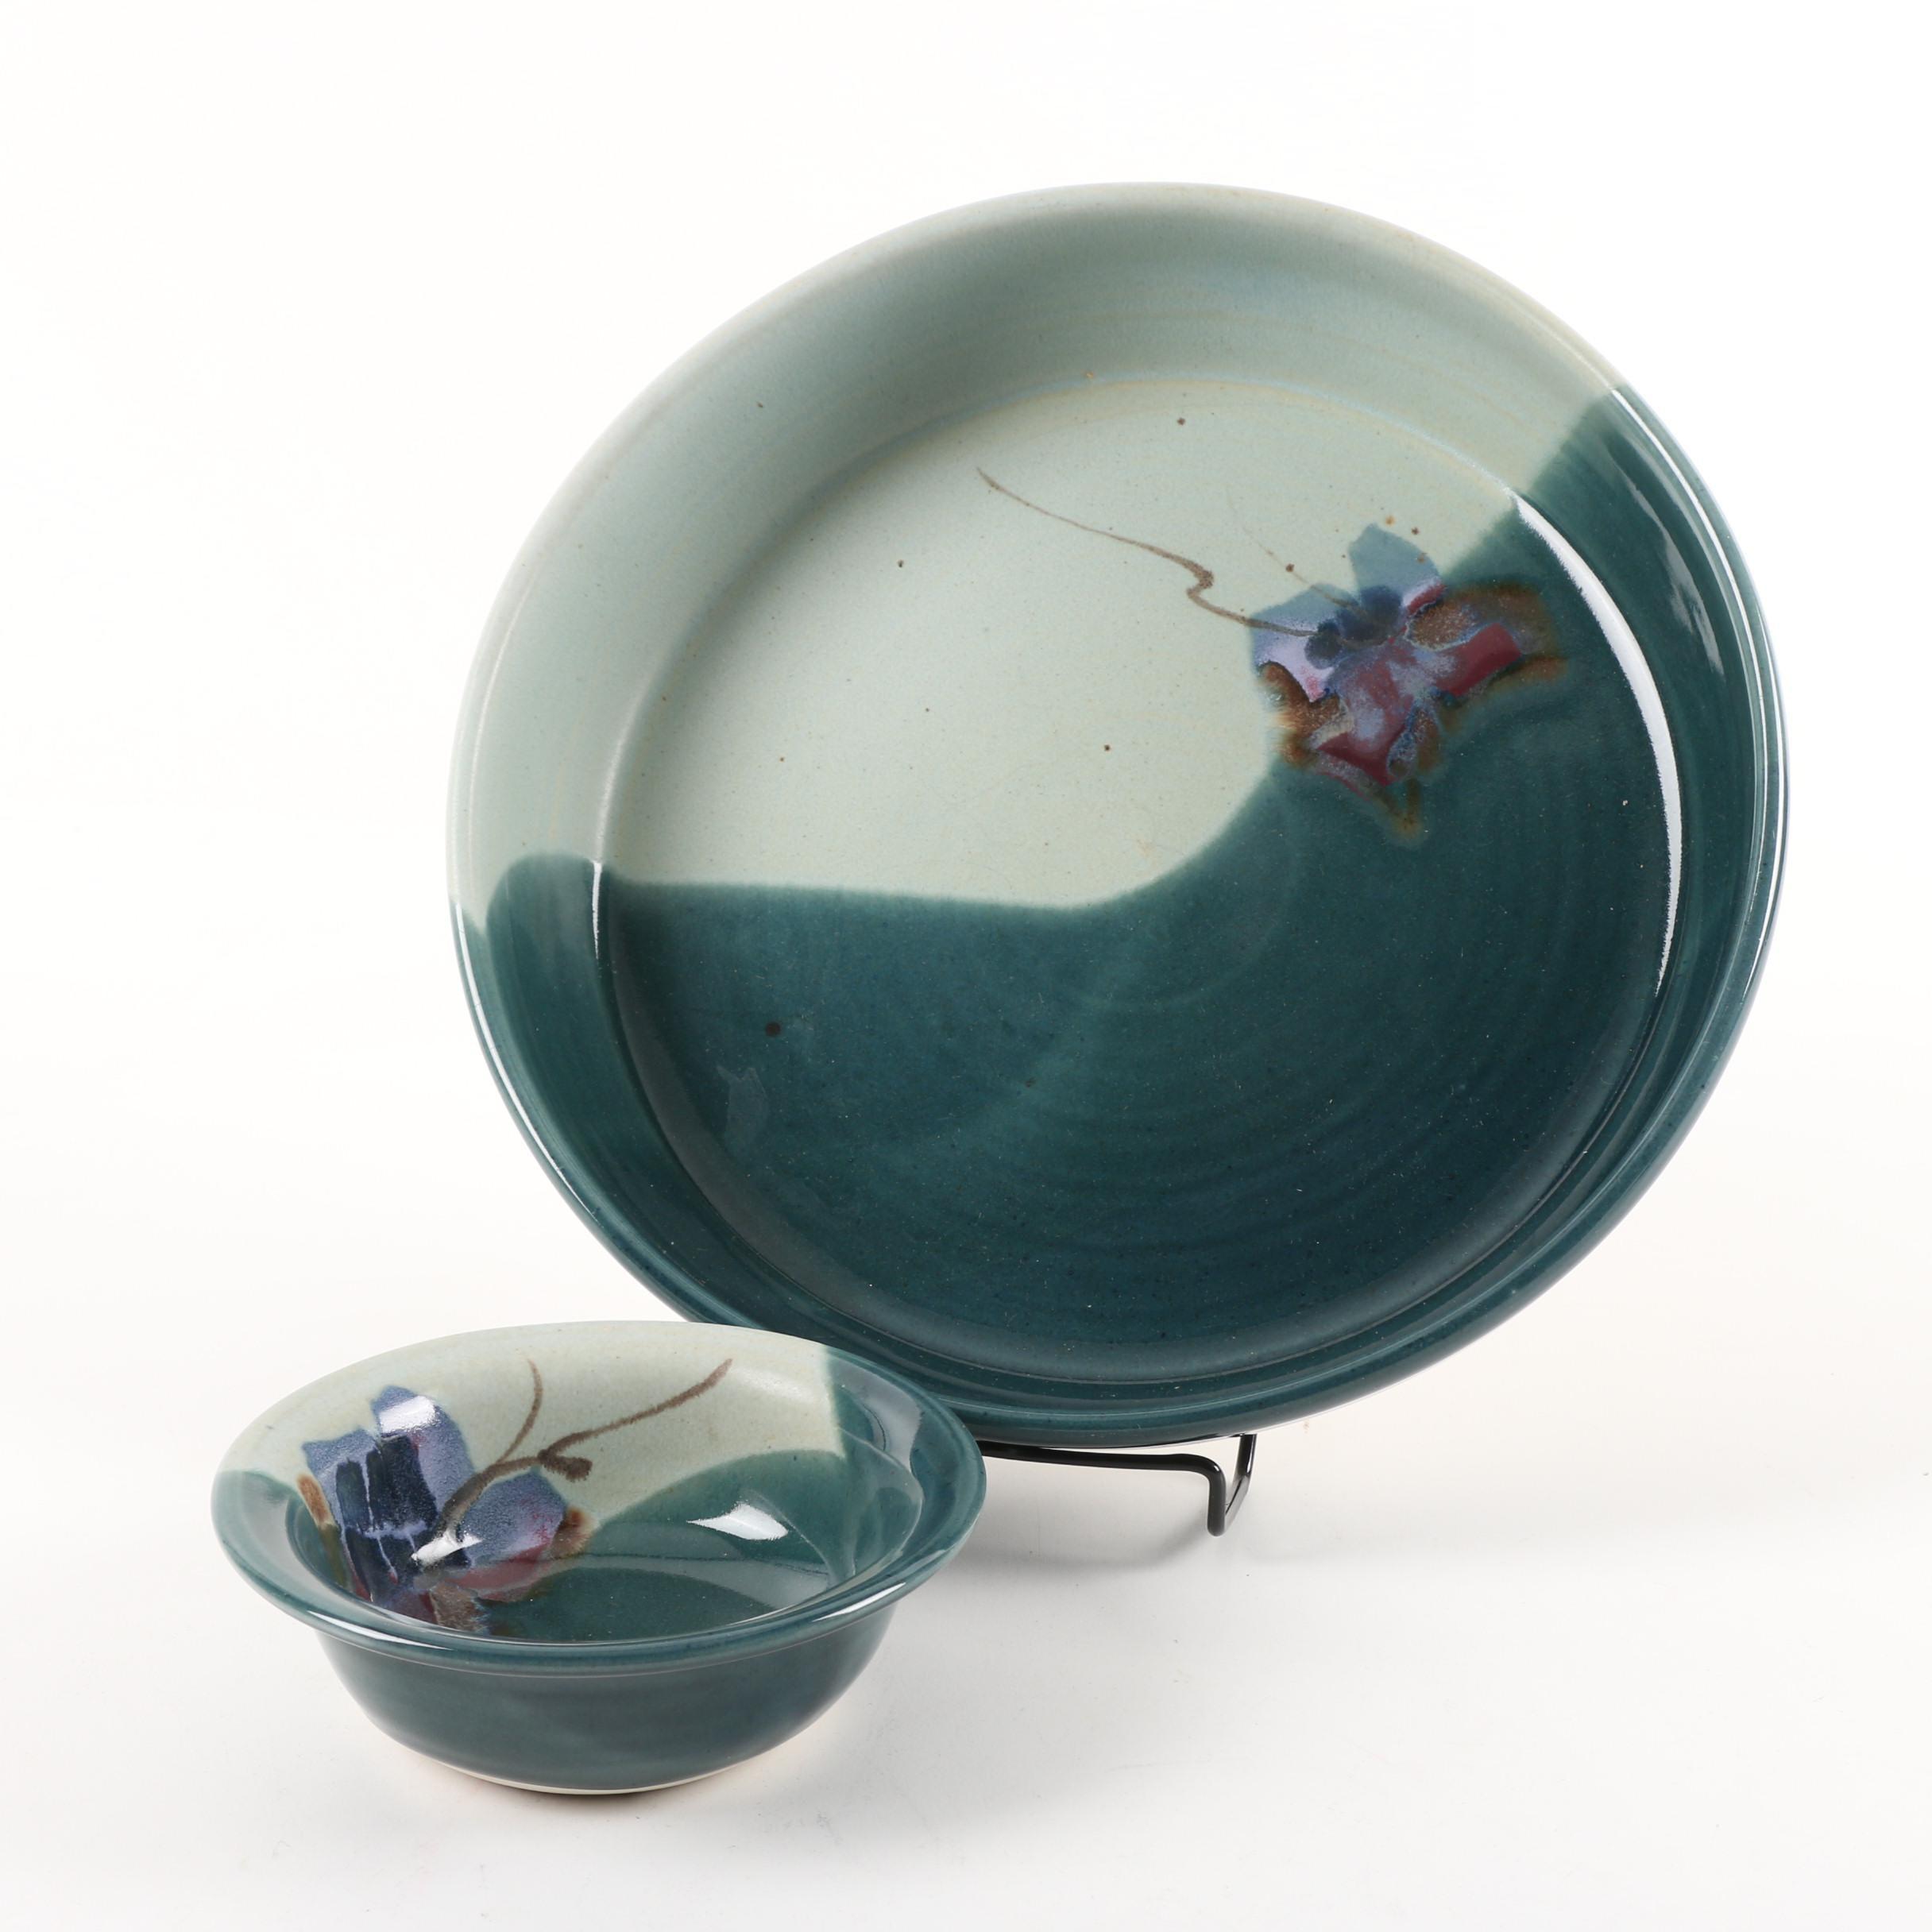 Vintage Kent Follette Signed Glazed Stoneware Bowls